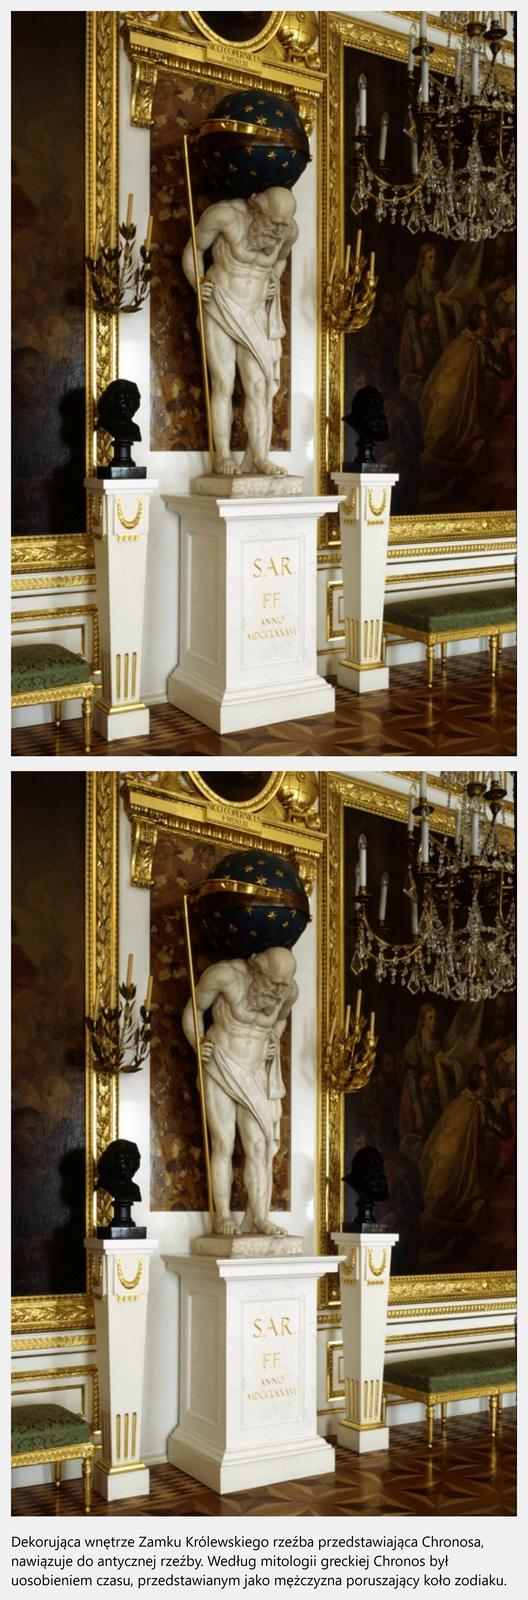 """Ilustracja interaktywna przedstawia dzieło Giacomo Monaldiego """"Chronos"""". Ukazuje posąg nagiego starca dźwigającego na barkach gwiaździsty glob, na którego ruchomej obręczy, służącej jako tarcza zegara, trzymaną wręku kosą wskazuje godziny odmierzane mechanizmem ukrytym wewnątrz kuli, stoi na postumencie znapisem: S.A.R. - F.F. Anno MDCCLXXXVI (Stanislaus Augustus Fieri Fecit 1786). Na ilustracji znajduje się niebieski kwadrat zliterą """"i"""". Po odwróceniu ilustracji ukazana jest ta sama rzeźba zinformacją:"""